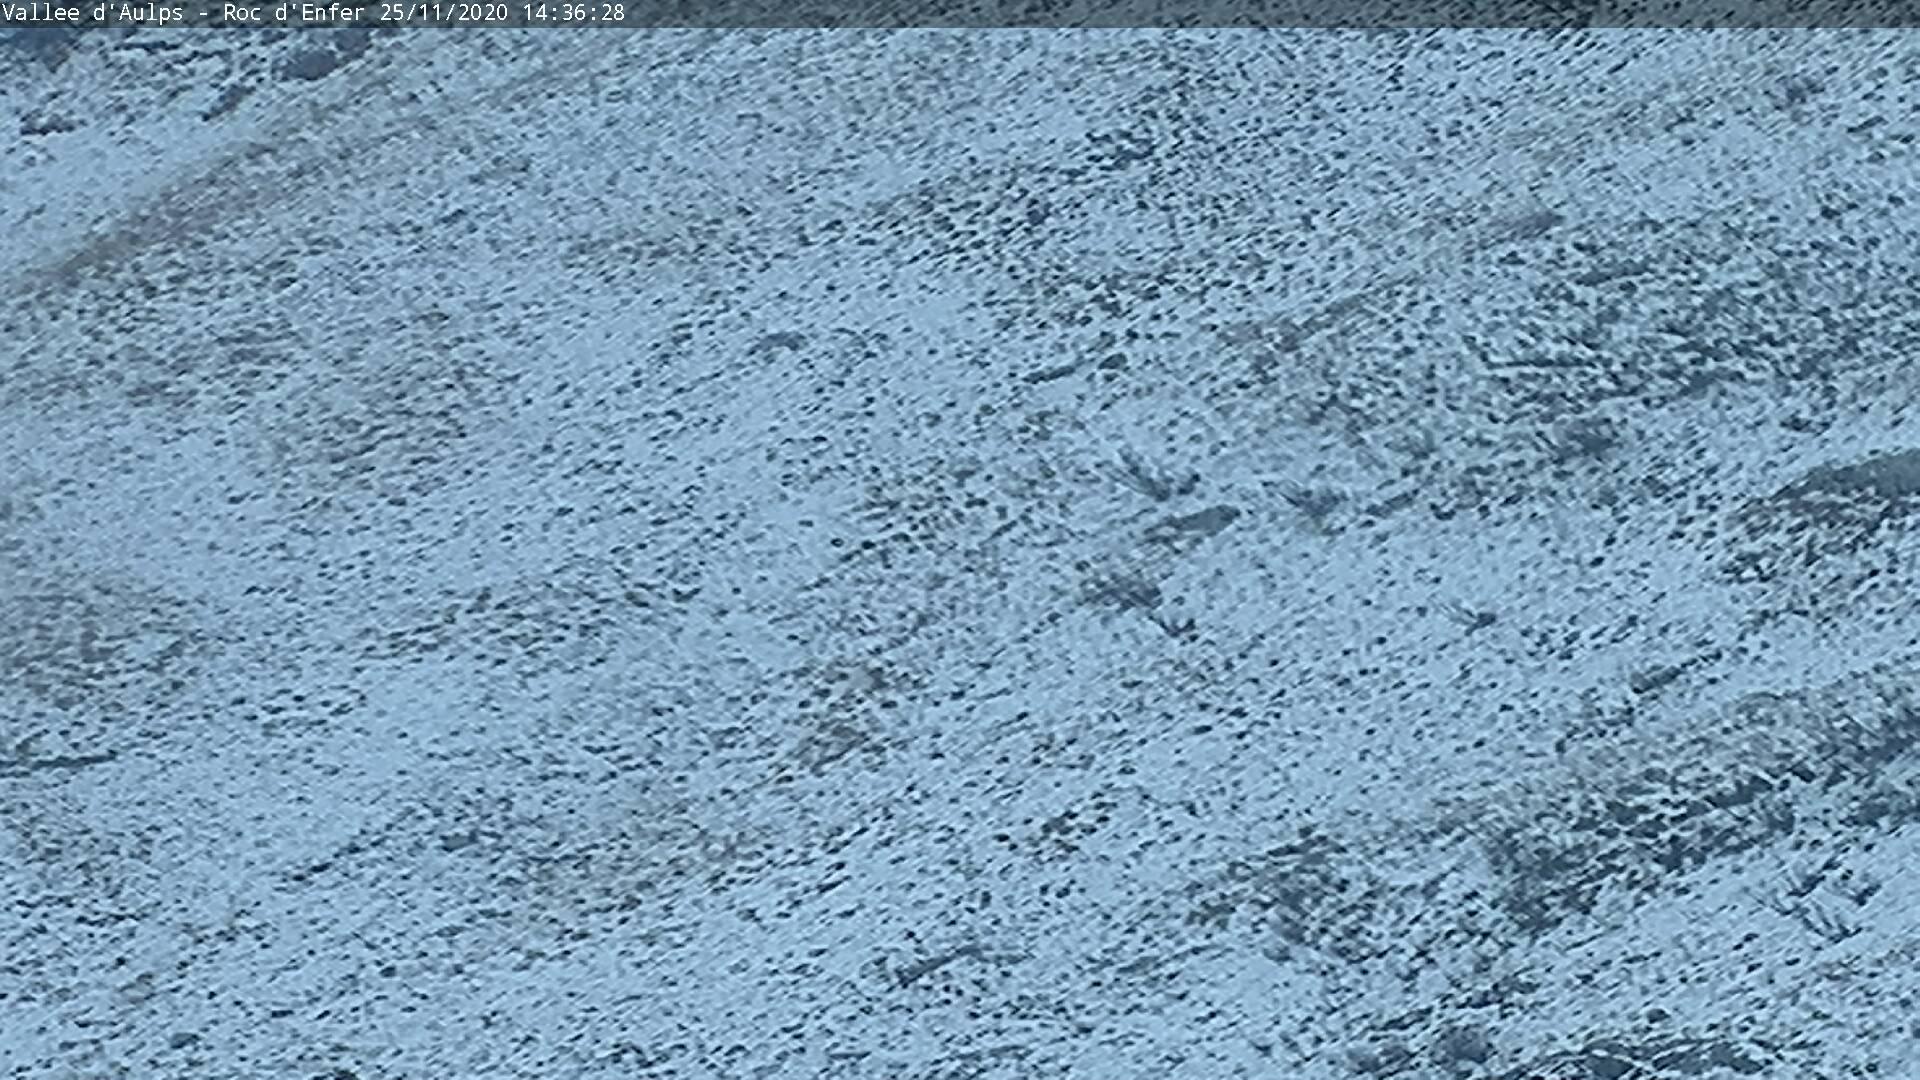 Webcam roc d 39 enfer st jean d 39 aulps la grande terche - Office du tourisme saint jean d aulps ...